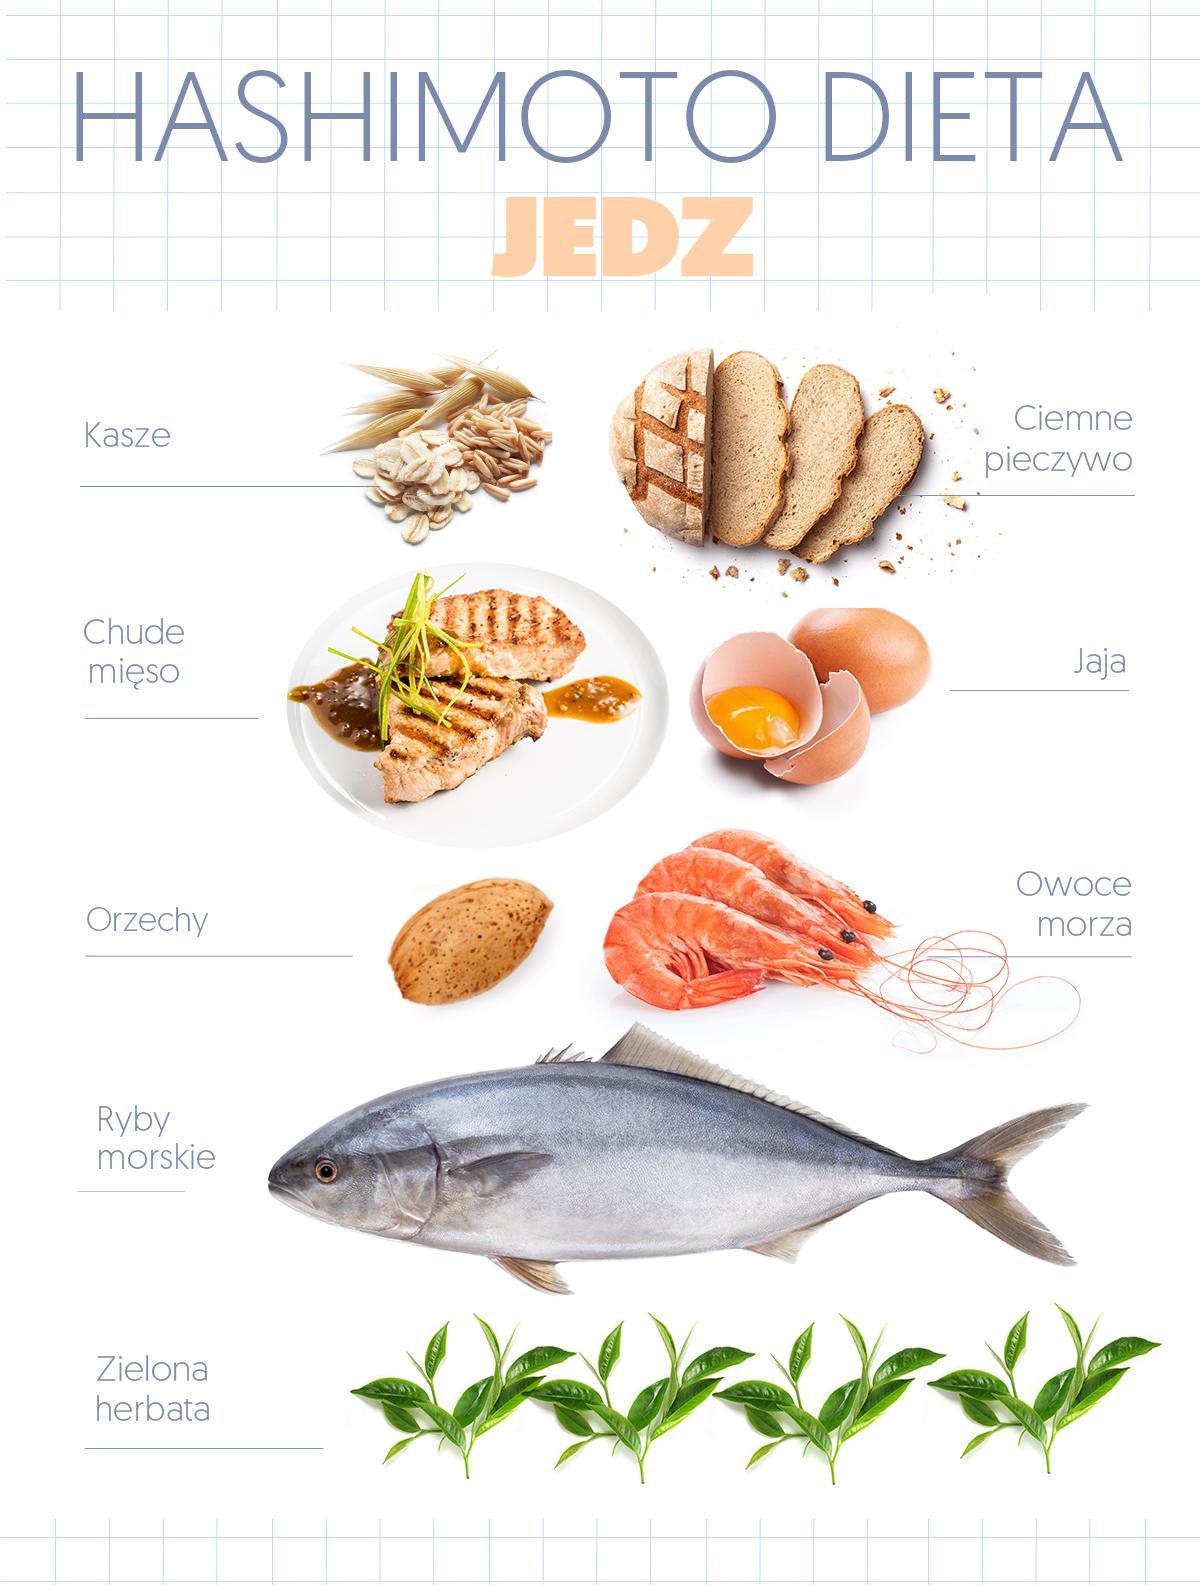 dieta w Hashimoto - co jeść